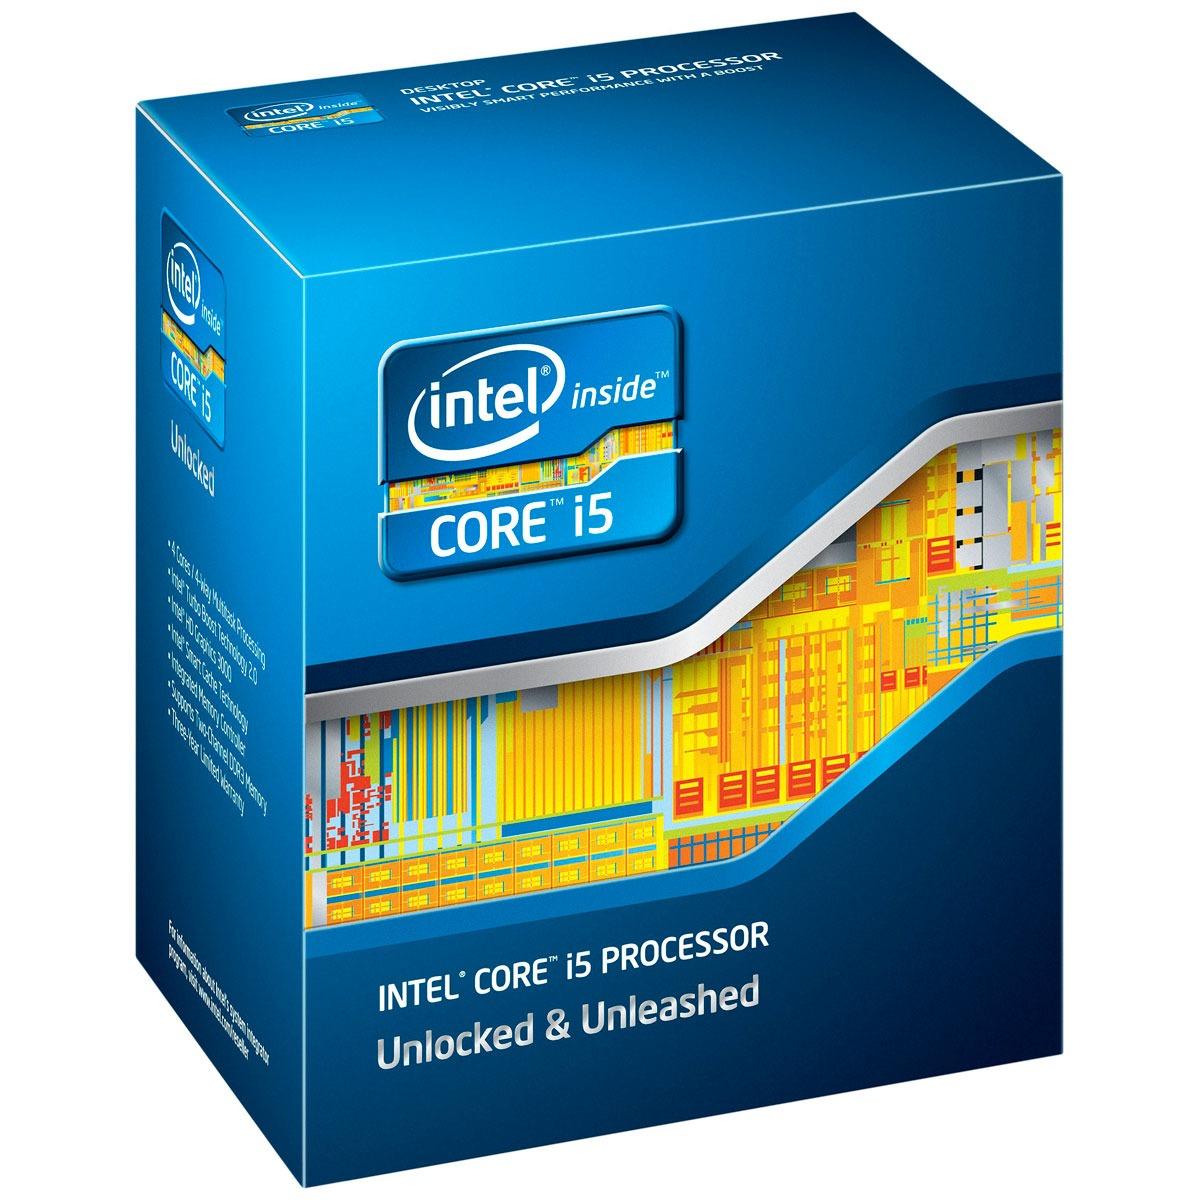 Processeur Intel Core i5-2550K (3.4 GHz) Processeur Quad Core Socket 1155 Cache L3 6 Mo 0.032 micron (version boîte - garantie Intel 3 ans)